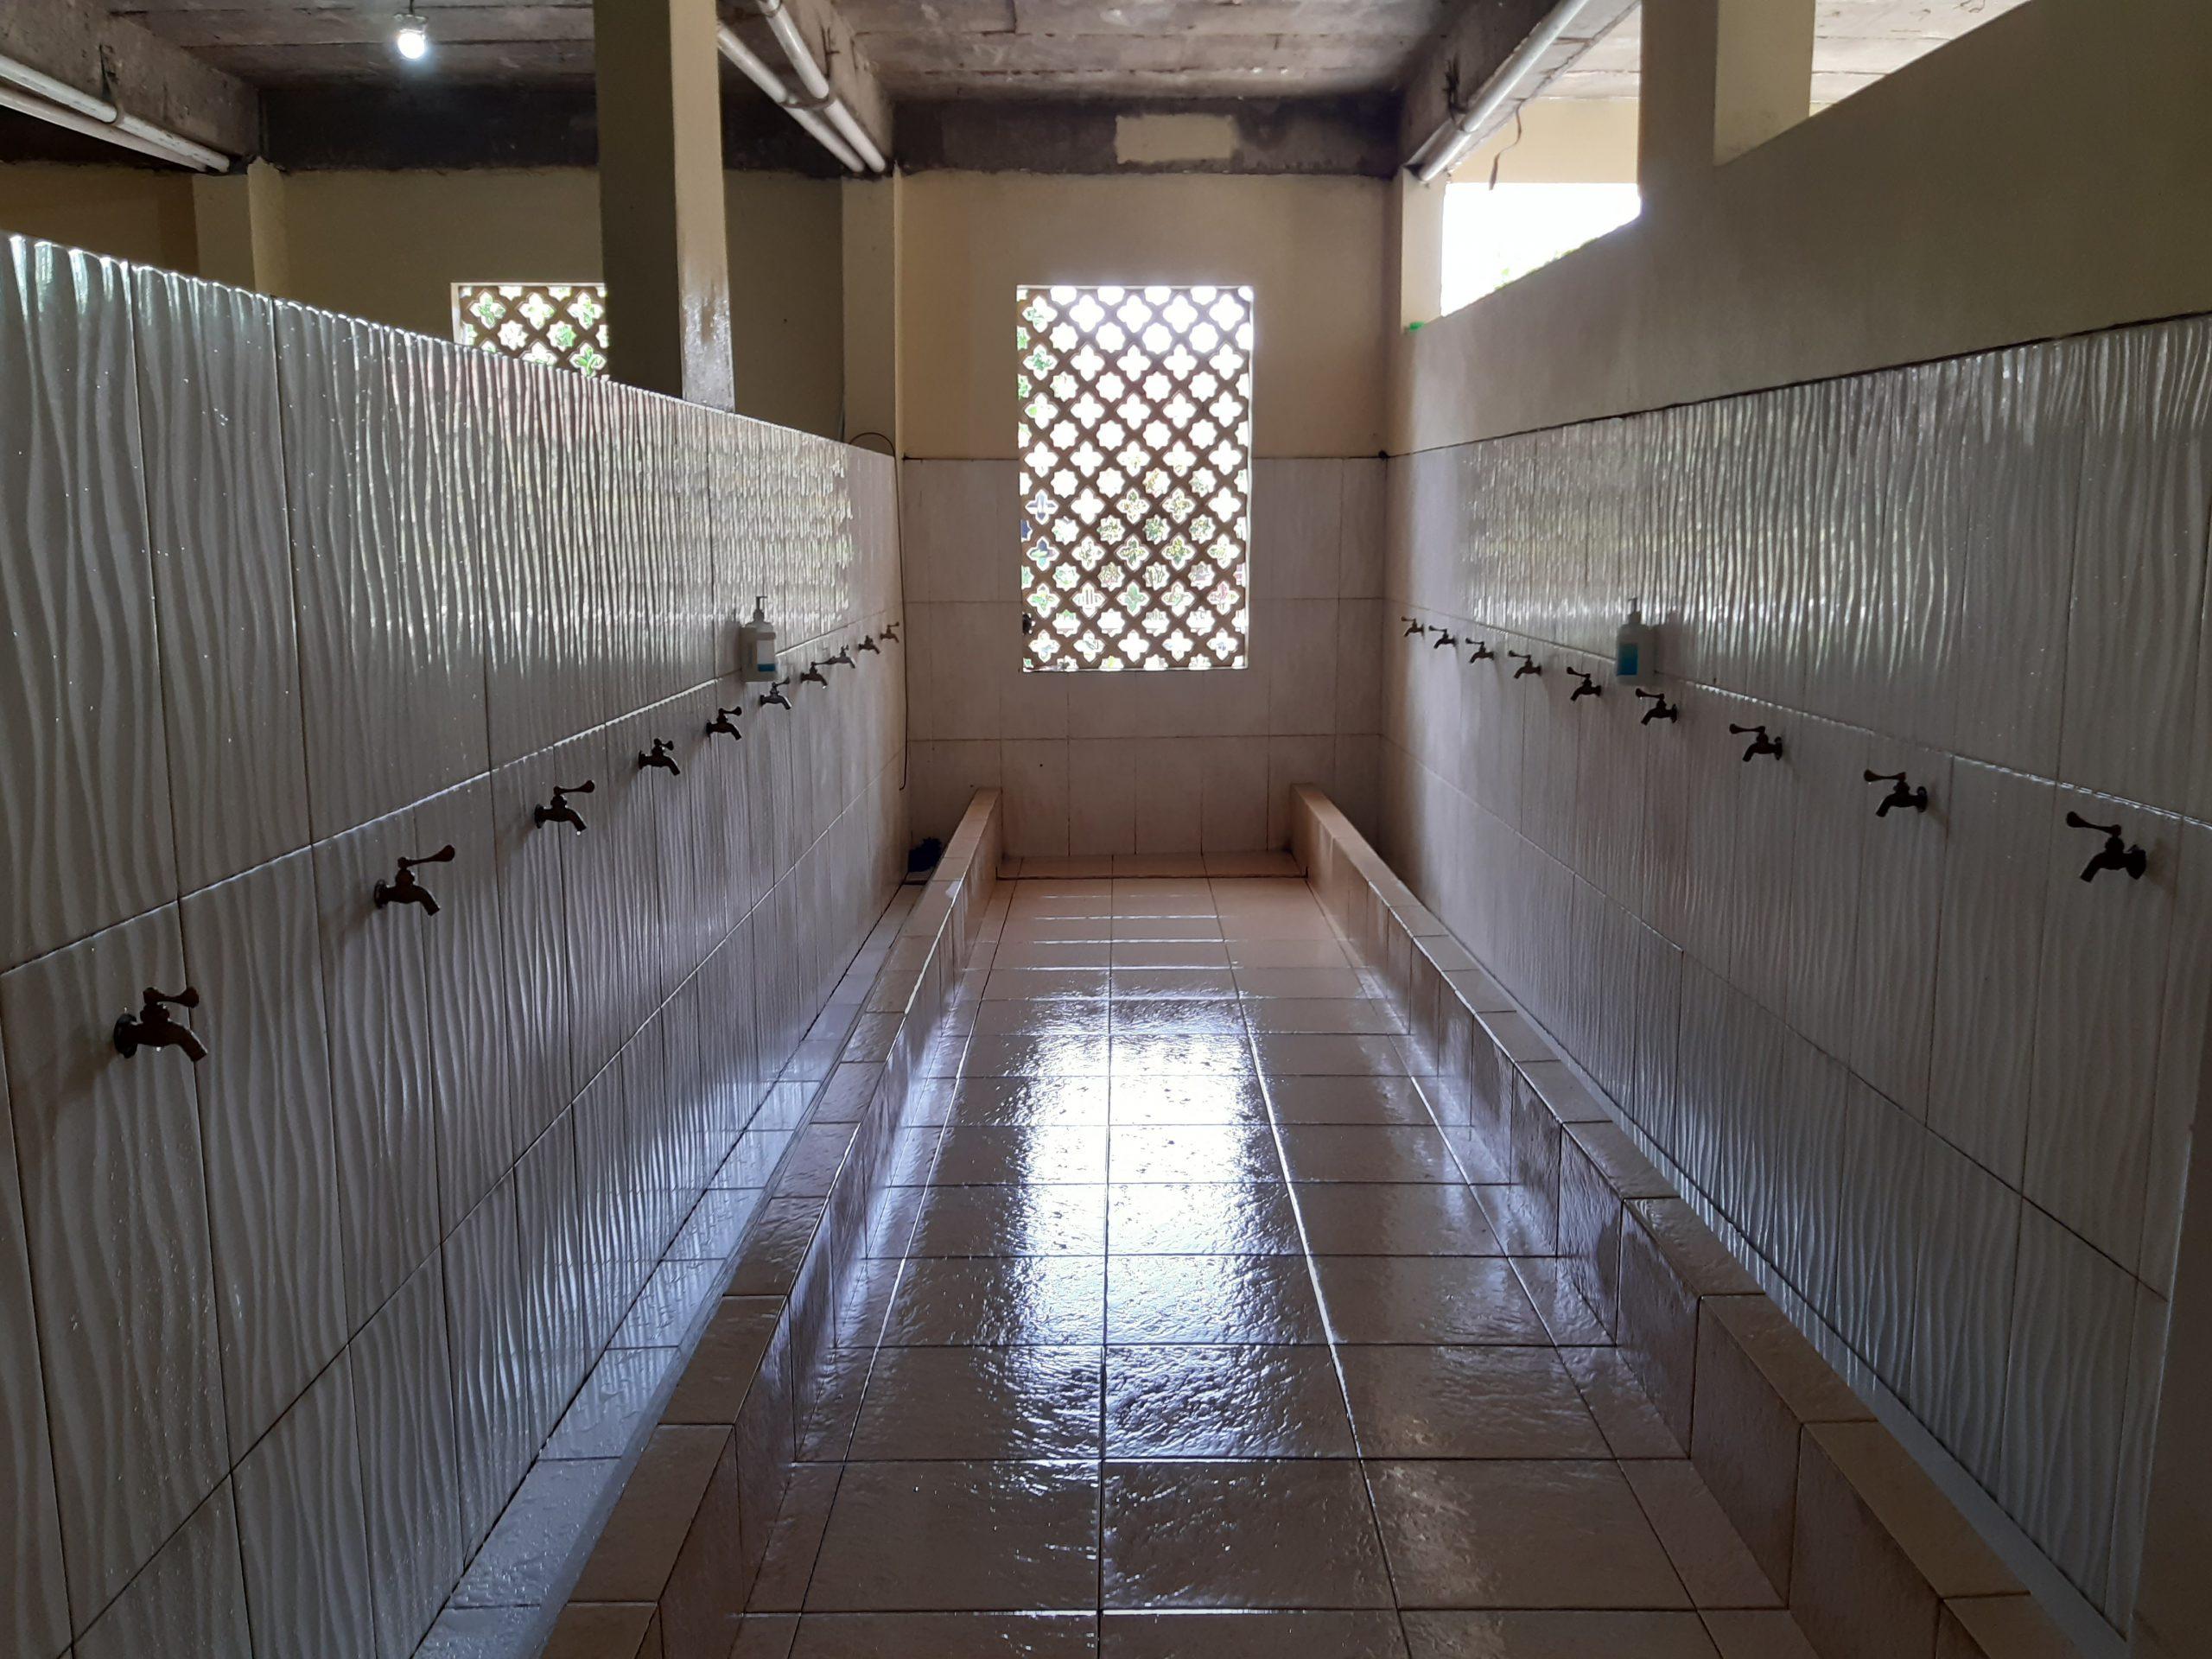 tempat_wudhu_masjid3